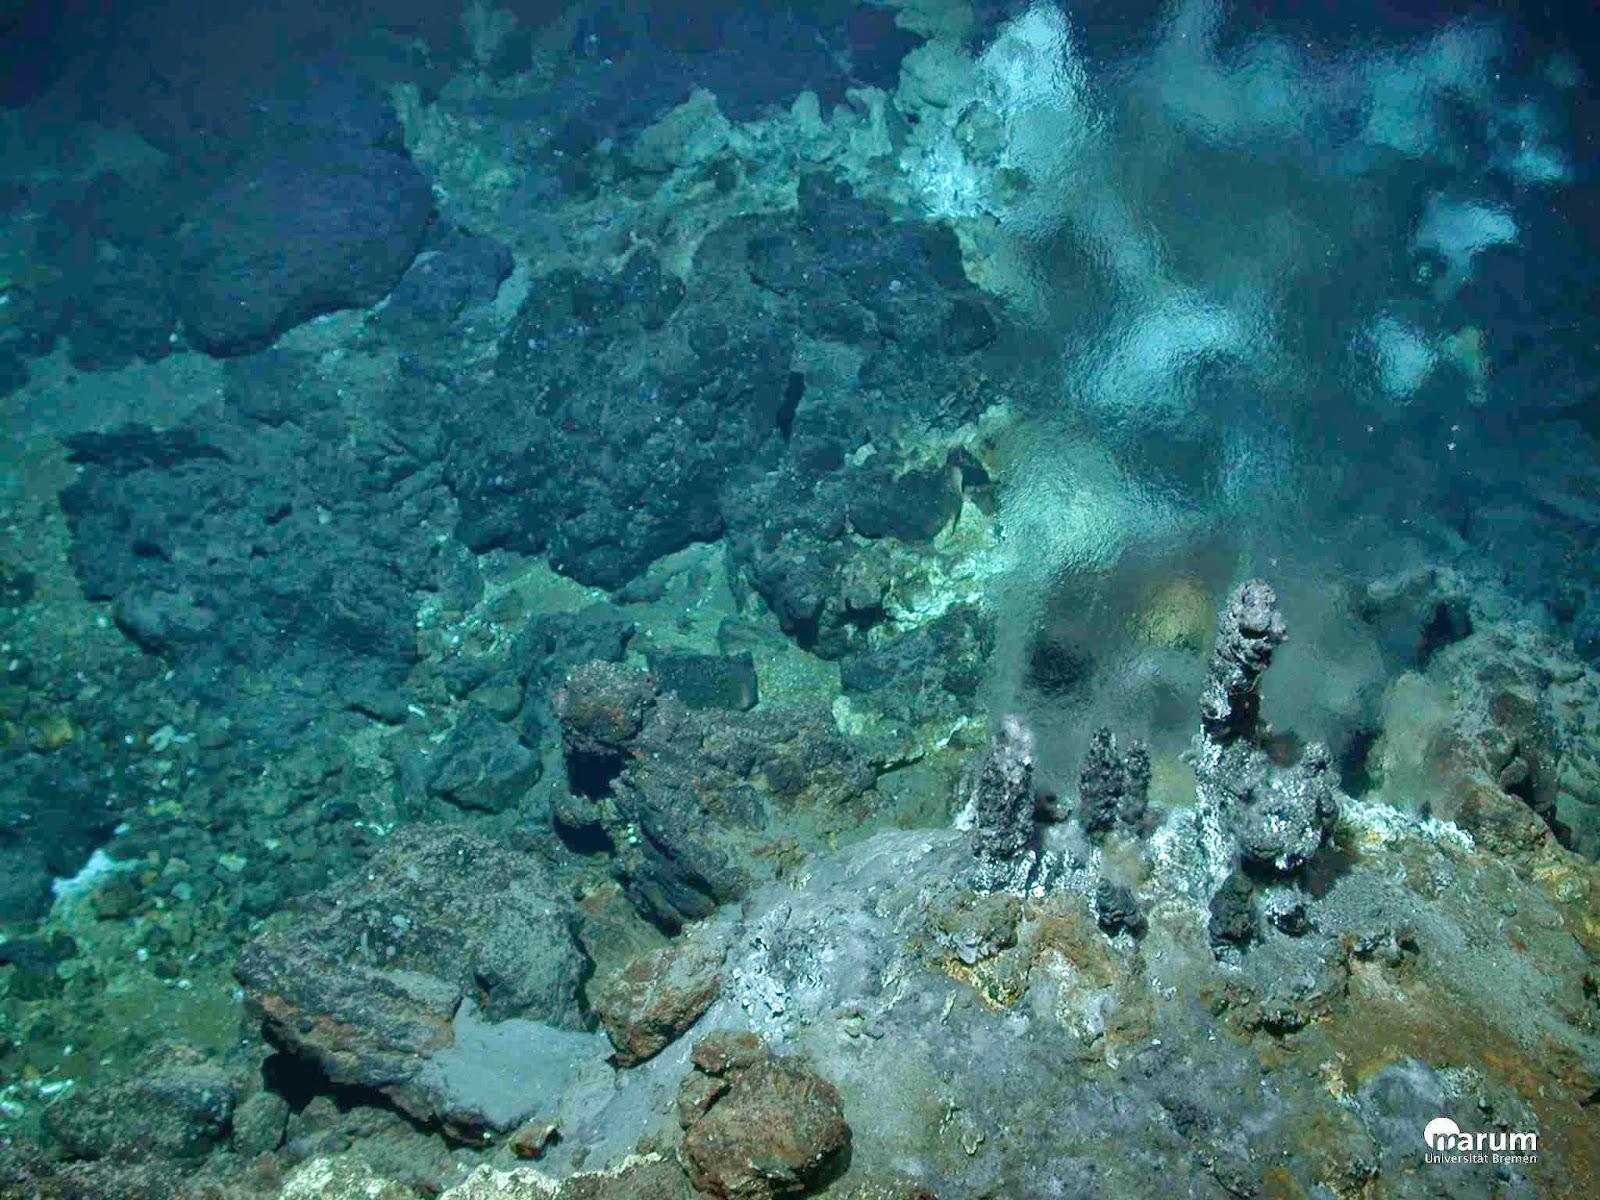 Abyssal Plains: Lantai Dasar Samudera Dalam Yang Luas